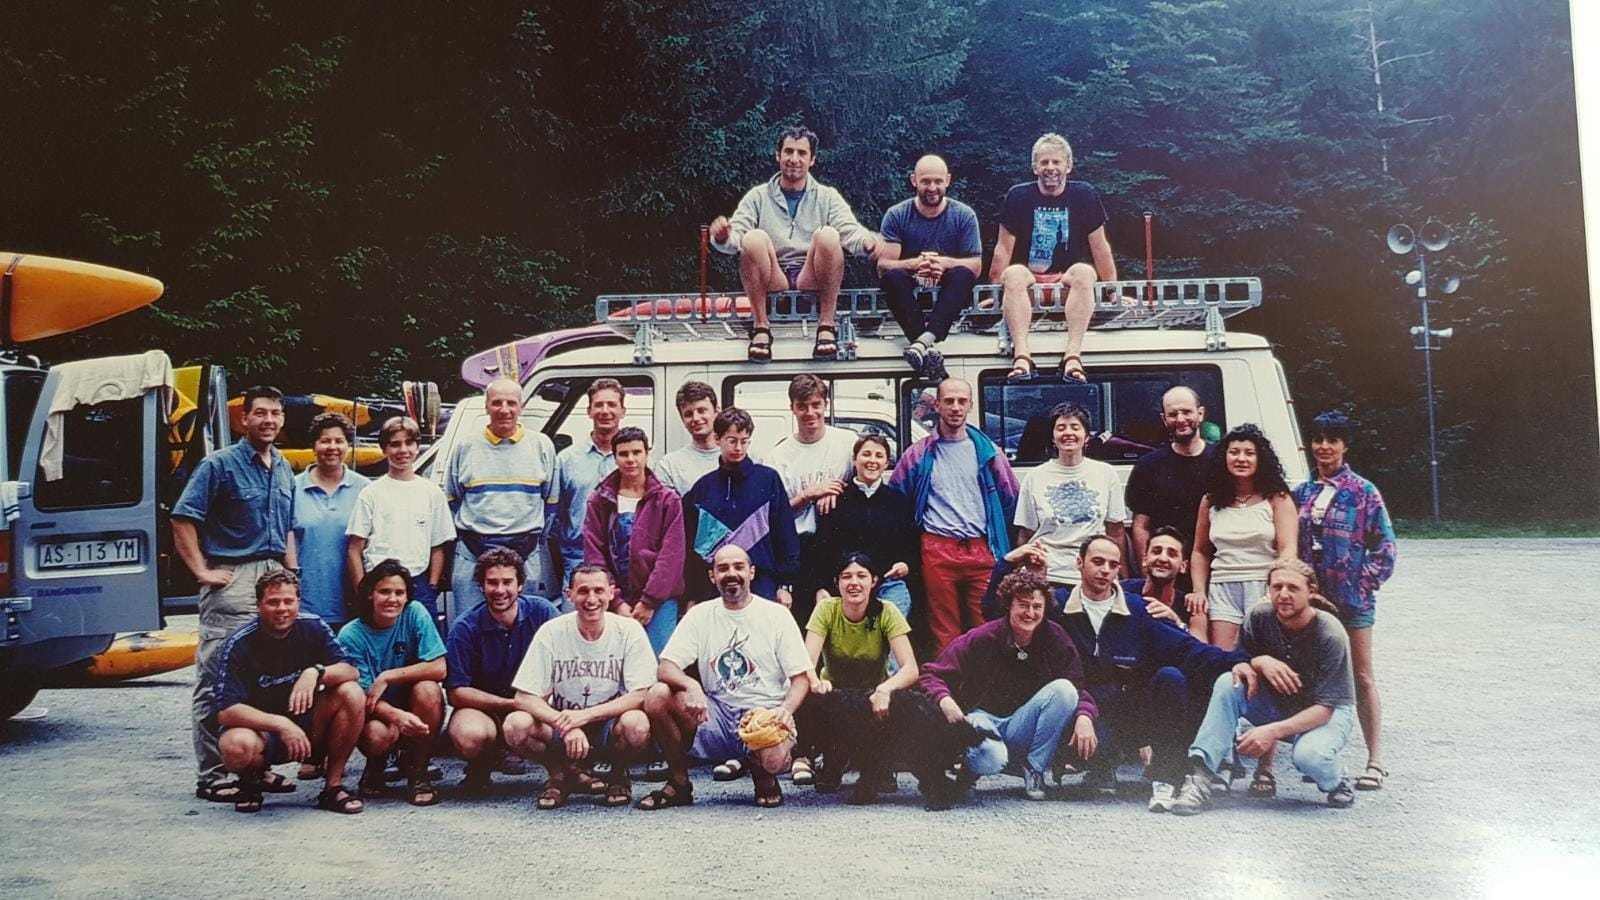 Uscita del corso di canoa, 1998 (o forse 1996?)